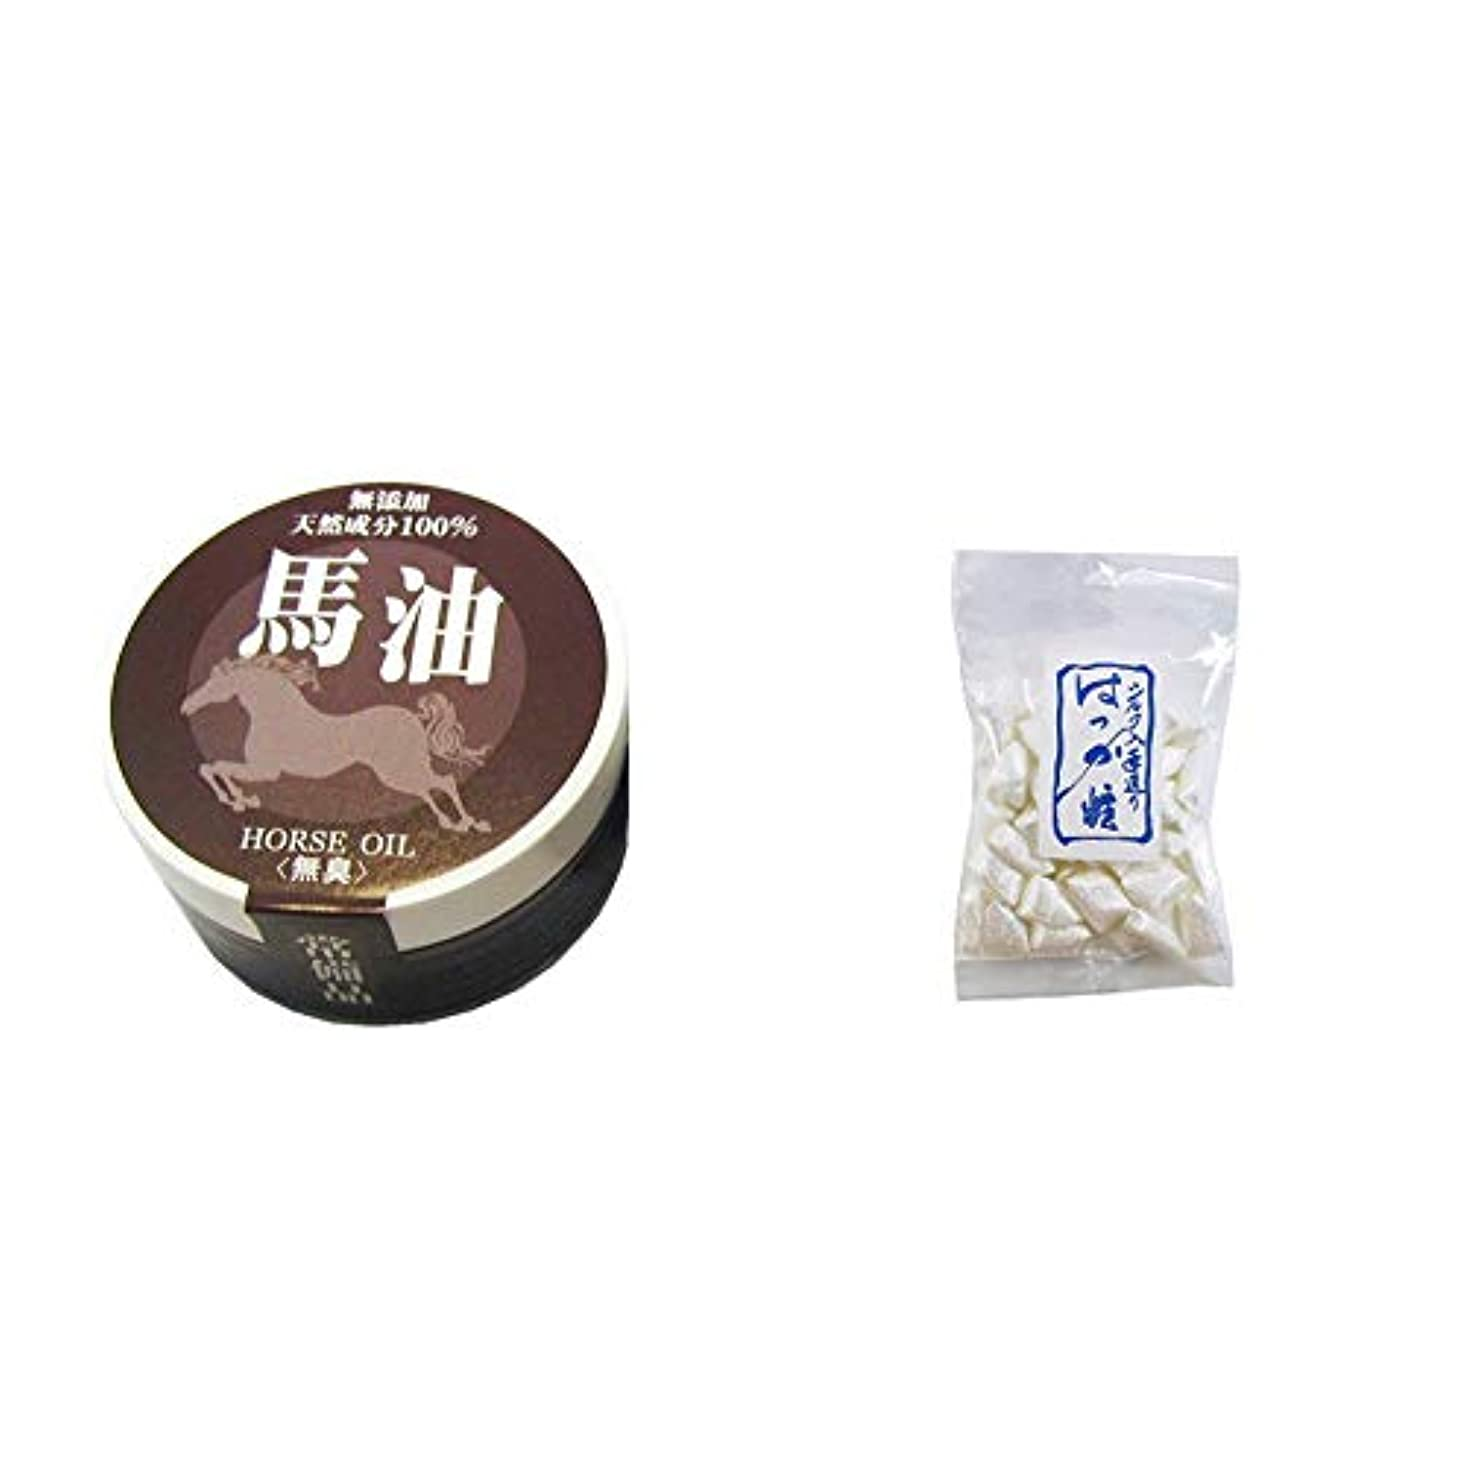 含意ハイランド永久に[2点セット] 無添加天然成分100% 馬油[無香料](38g)?シルクはっか糖(150g)